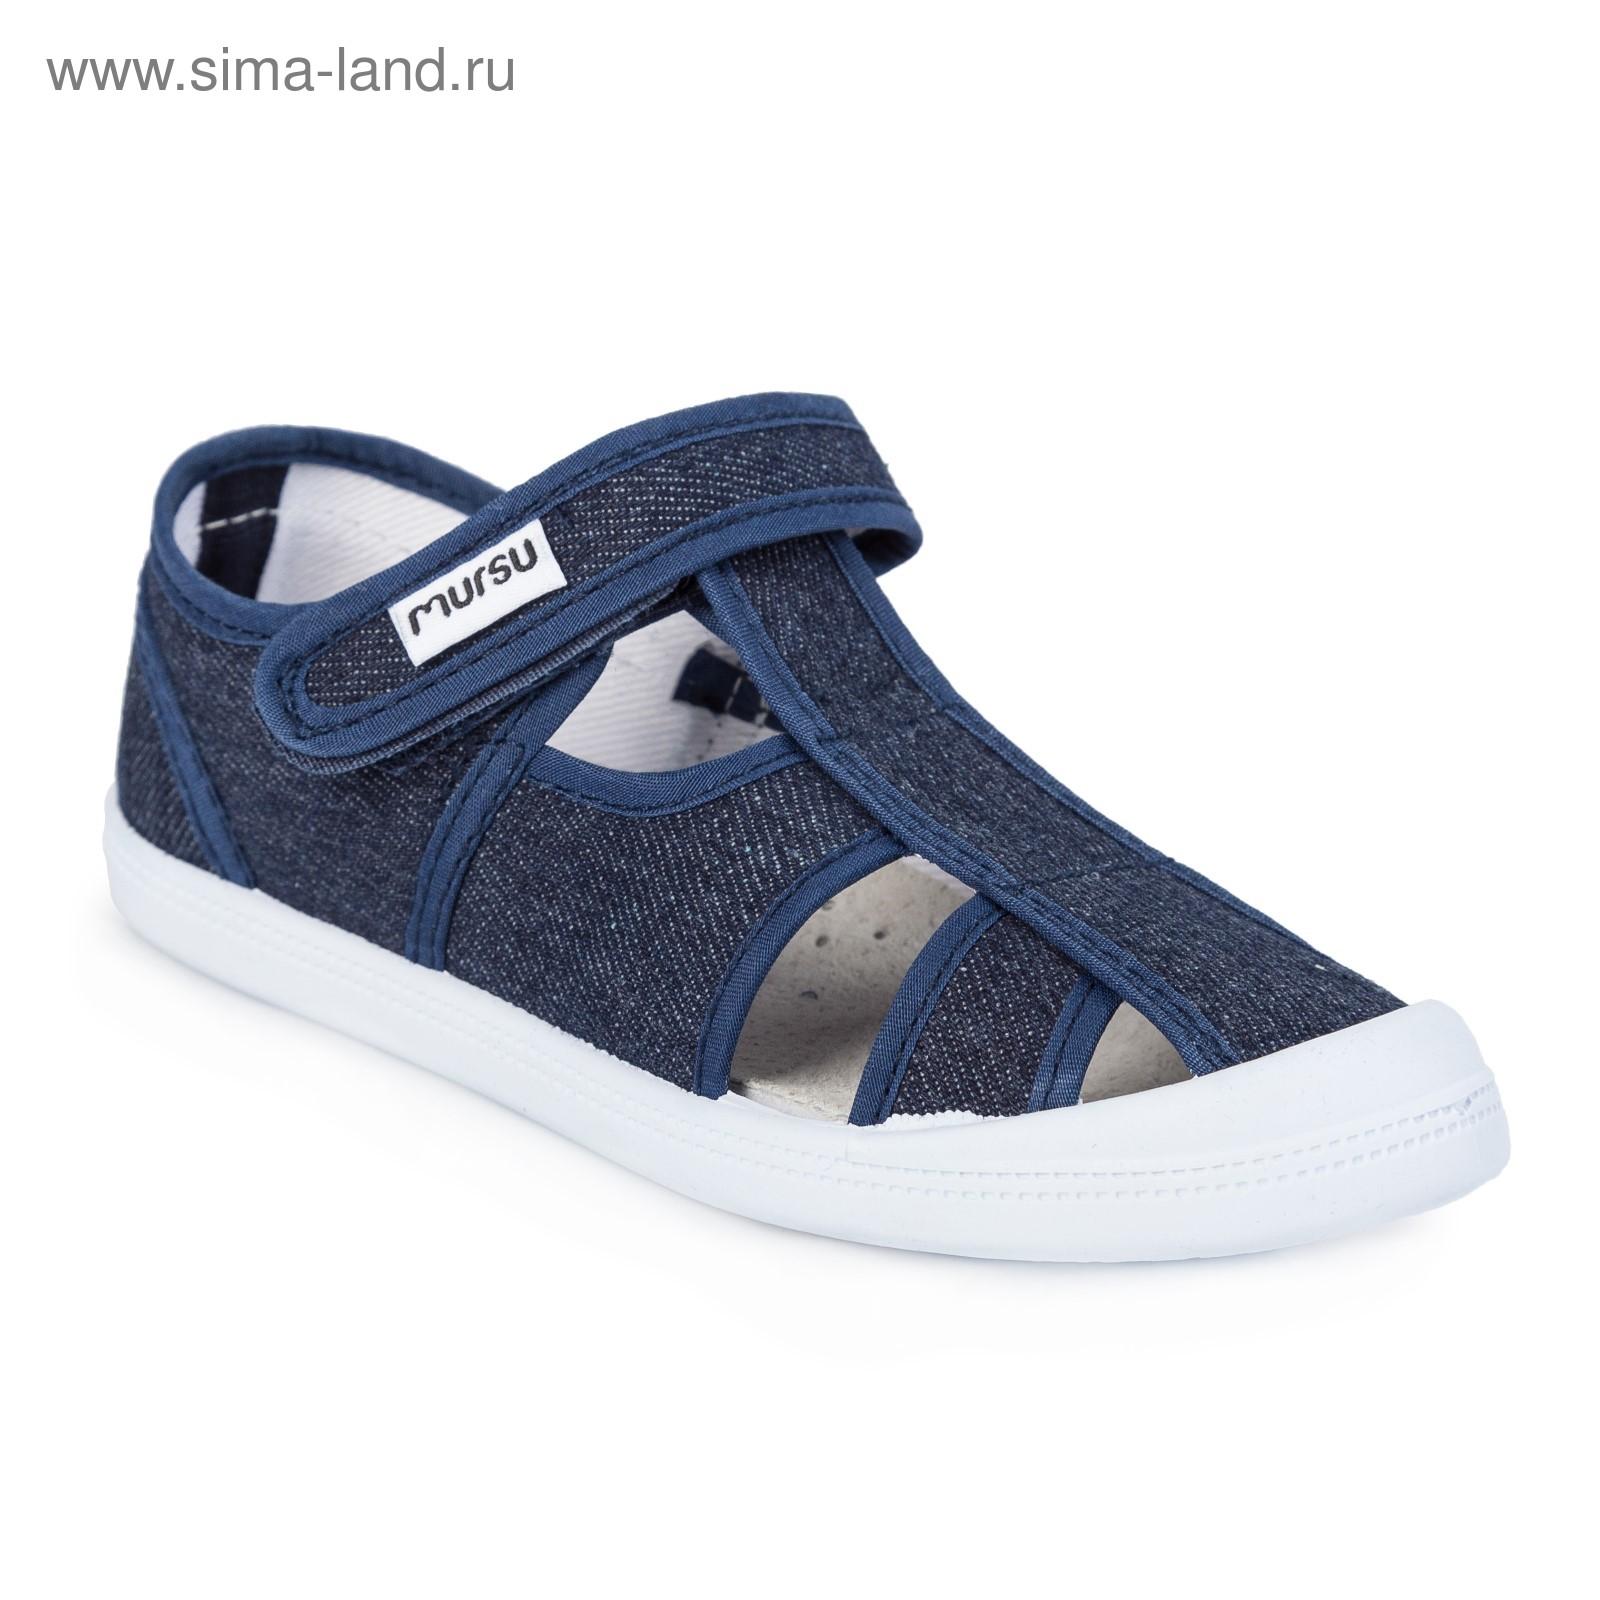 c6e7d0589 Туфли для мальчика, арт. 208539, цвет синий, размер 28 (4200190 ...